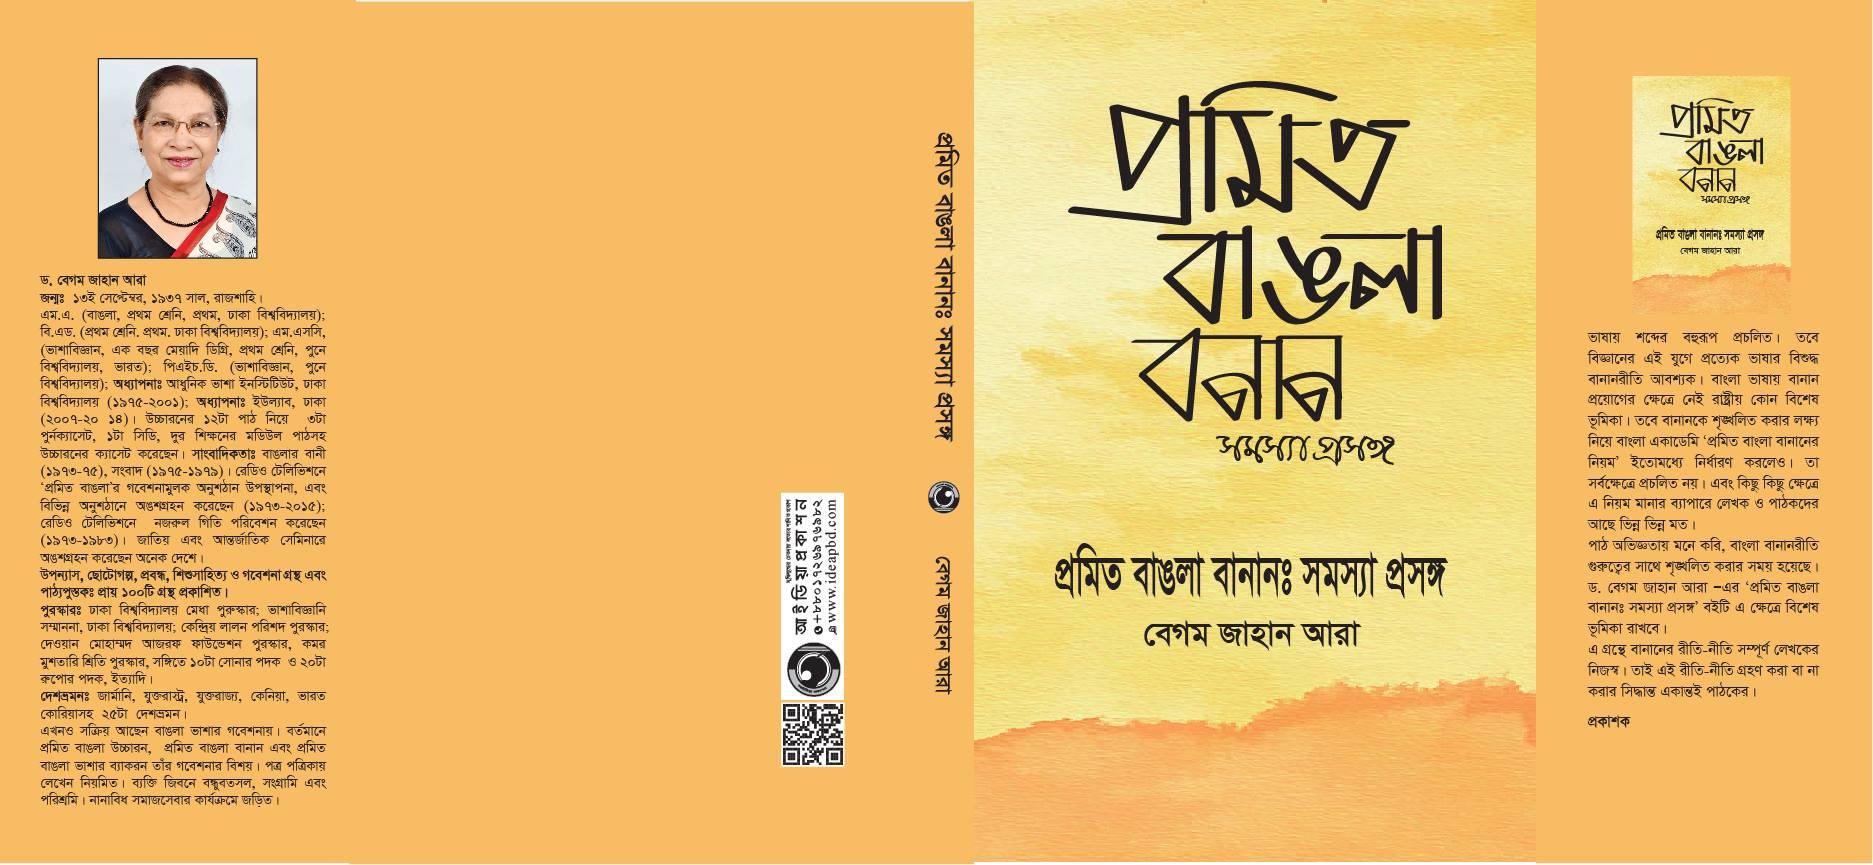 ড. বেগম জাহান আরার 'প্রমিত বাঙলা বানান: সমস্যা প্রসঙ্গ'